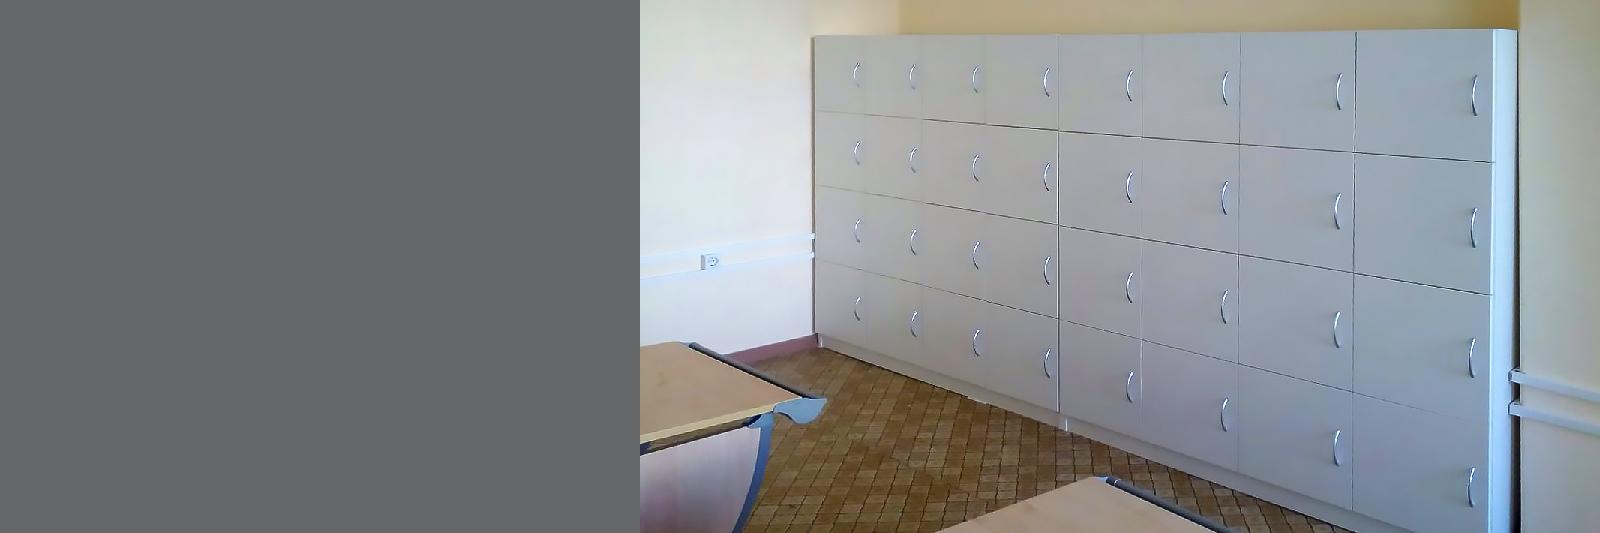 Шкафы с ячейками для школы на заказ